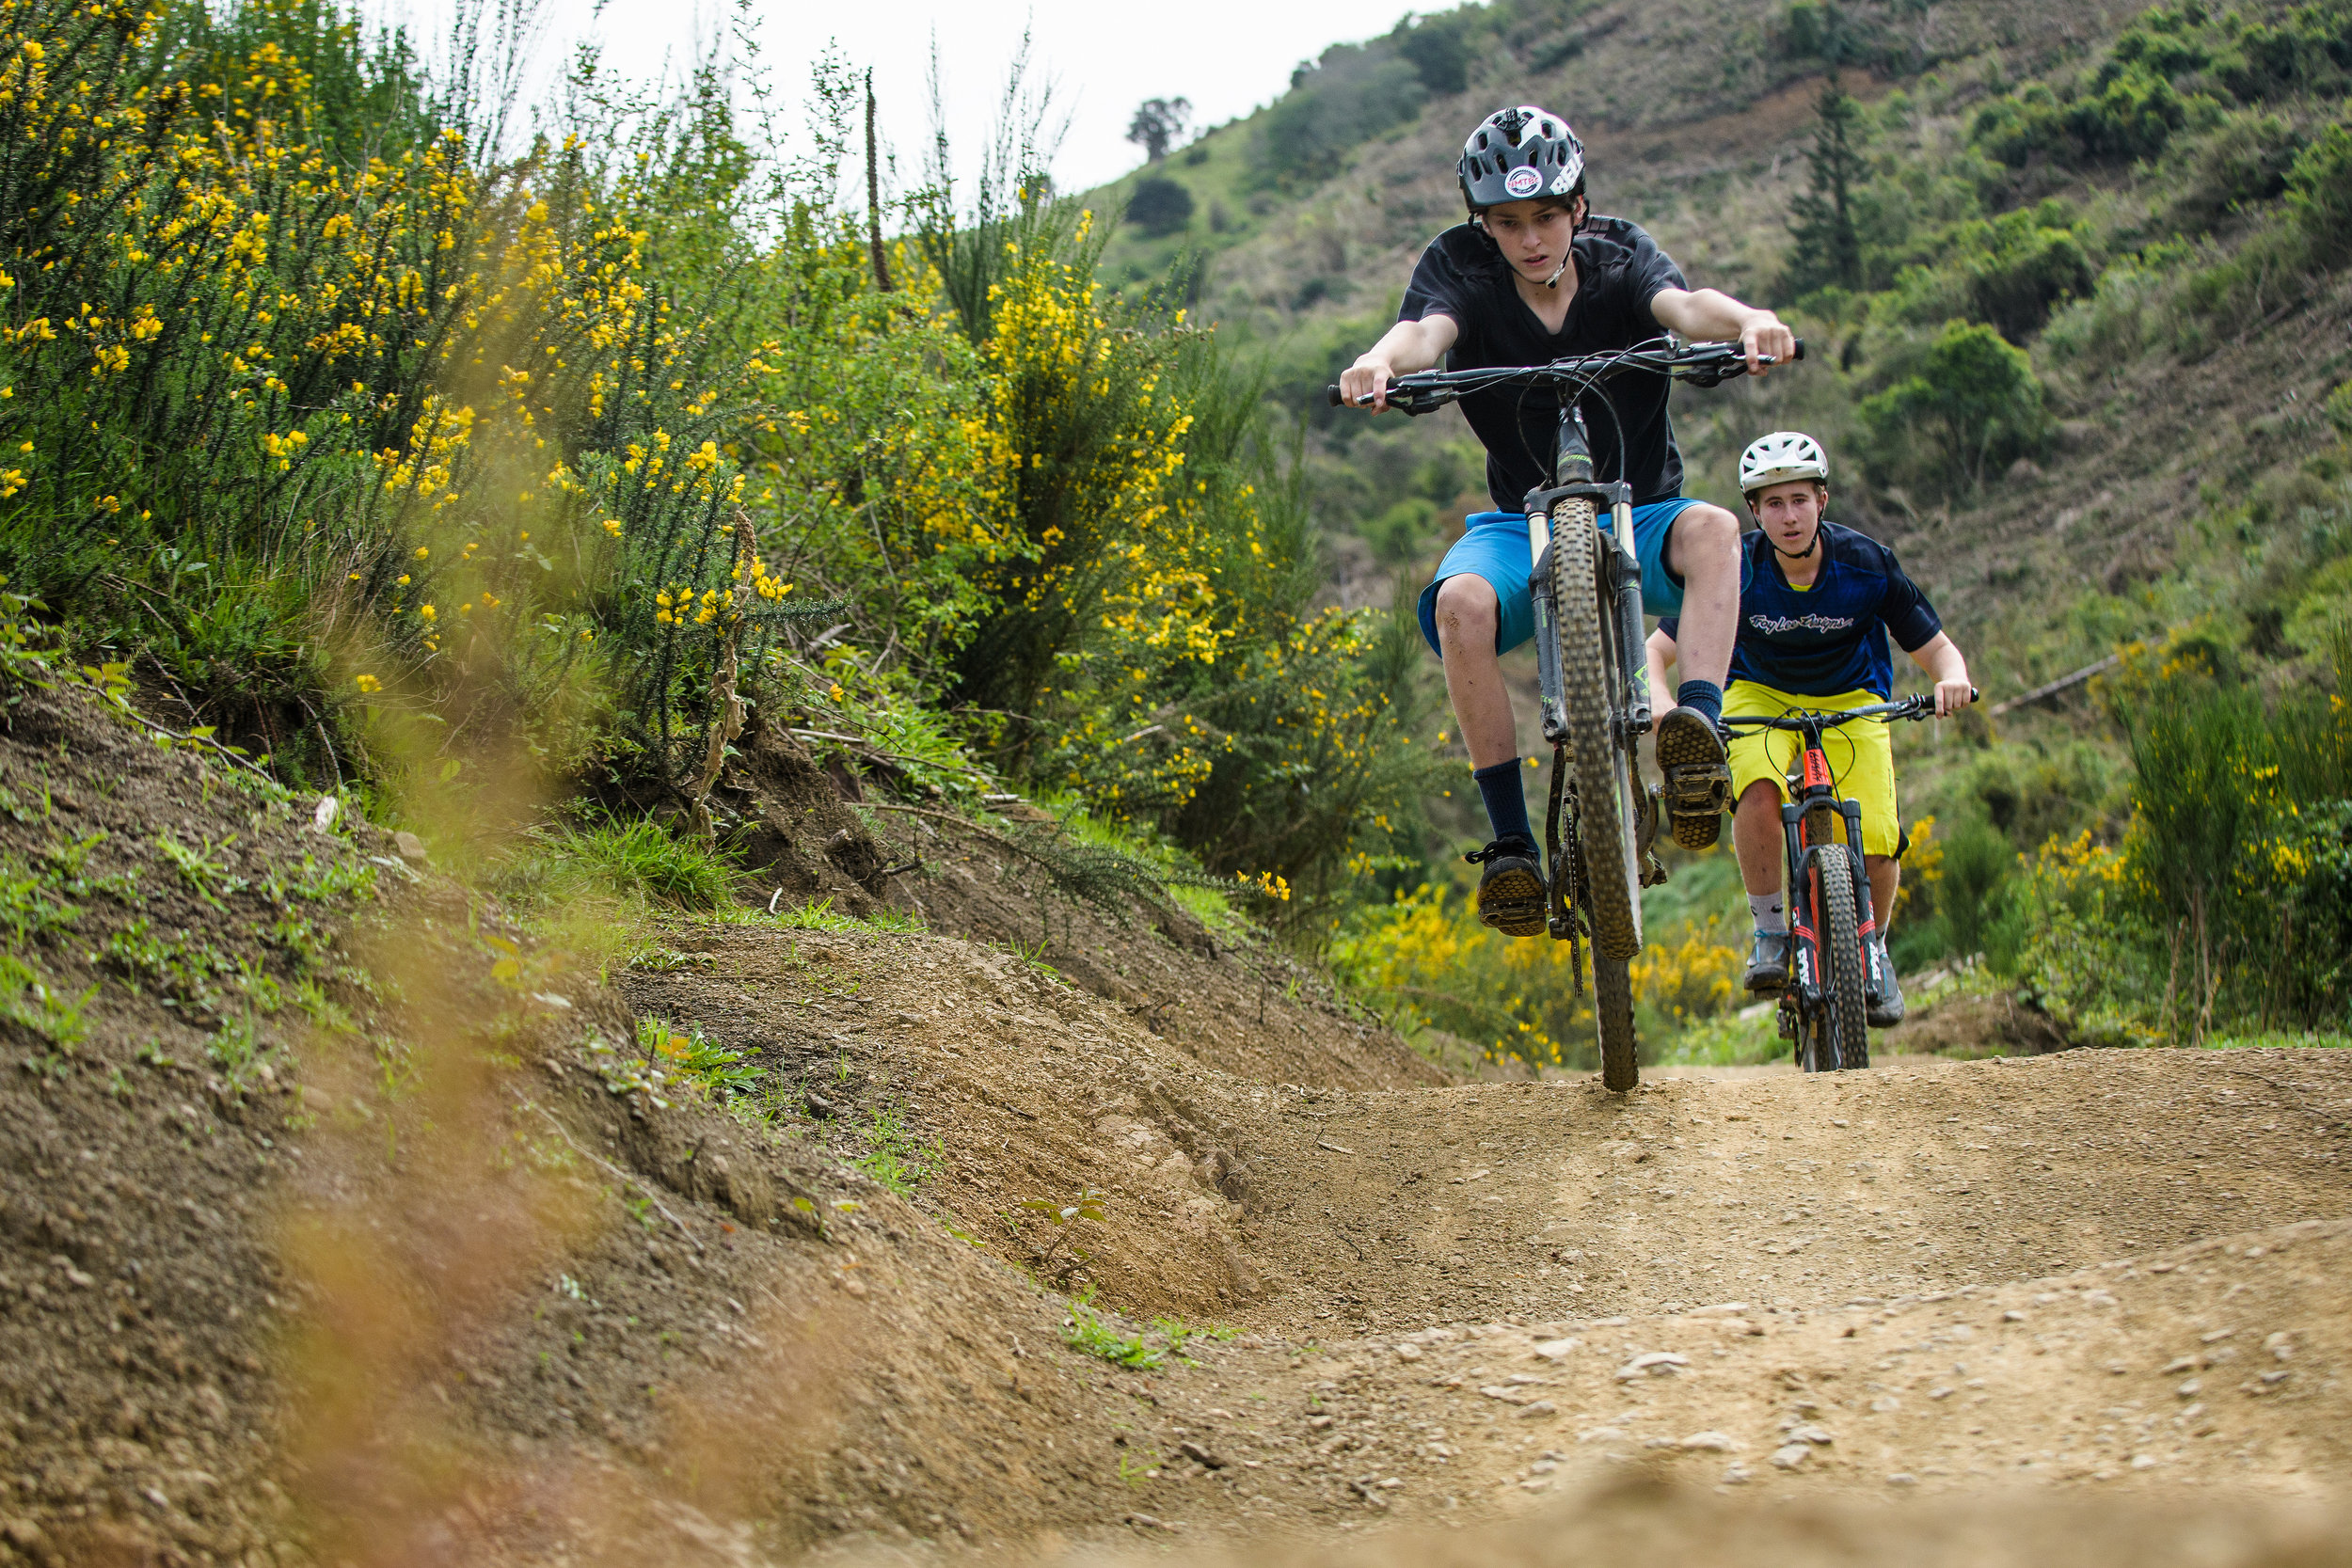 New Zealand Mountain Biker - Tim Beere Tackles The Pioneer